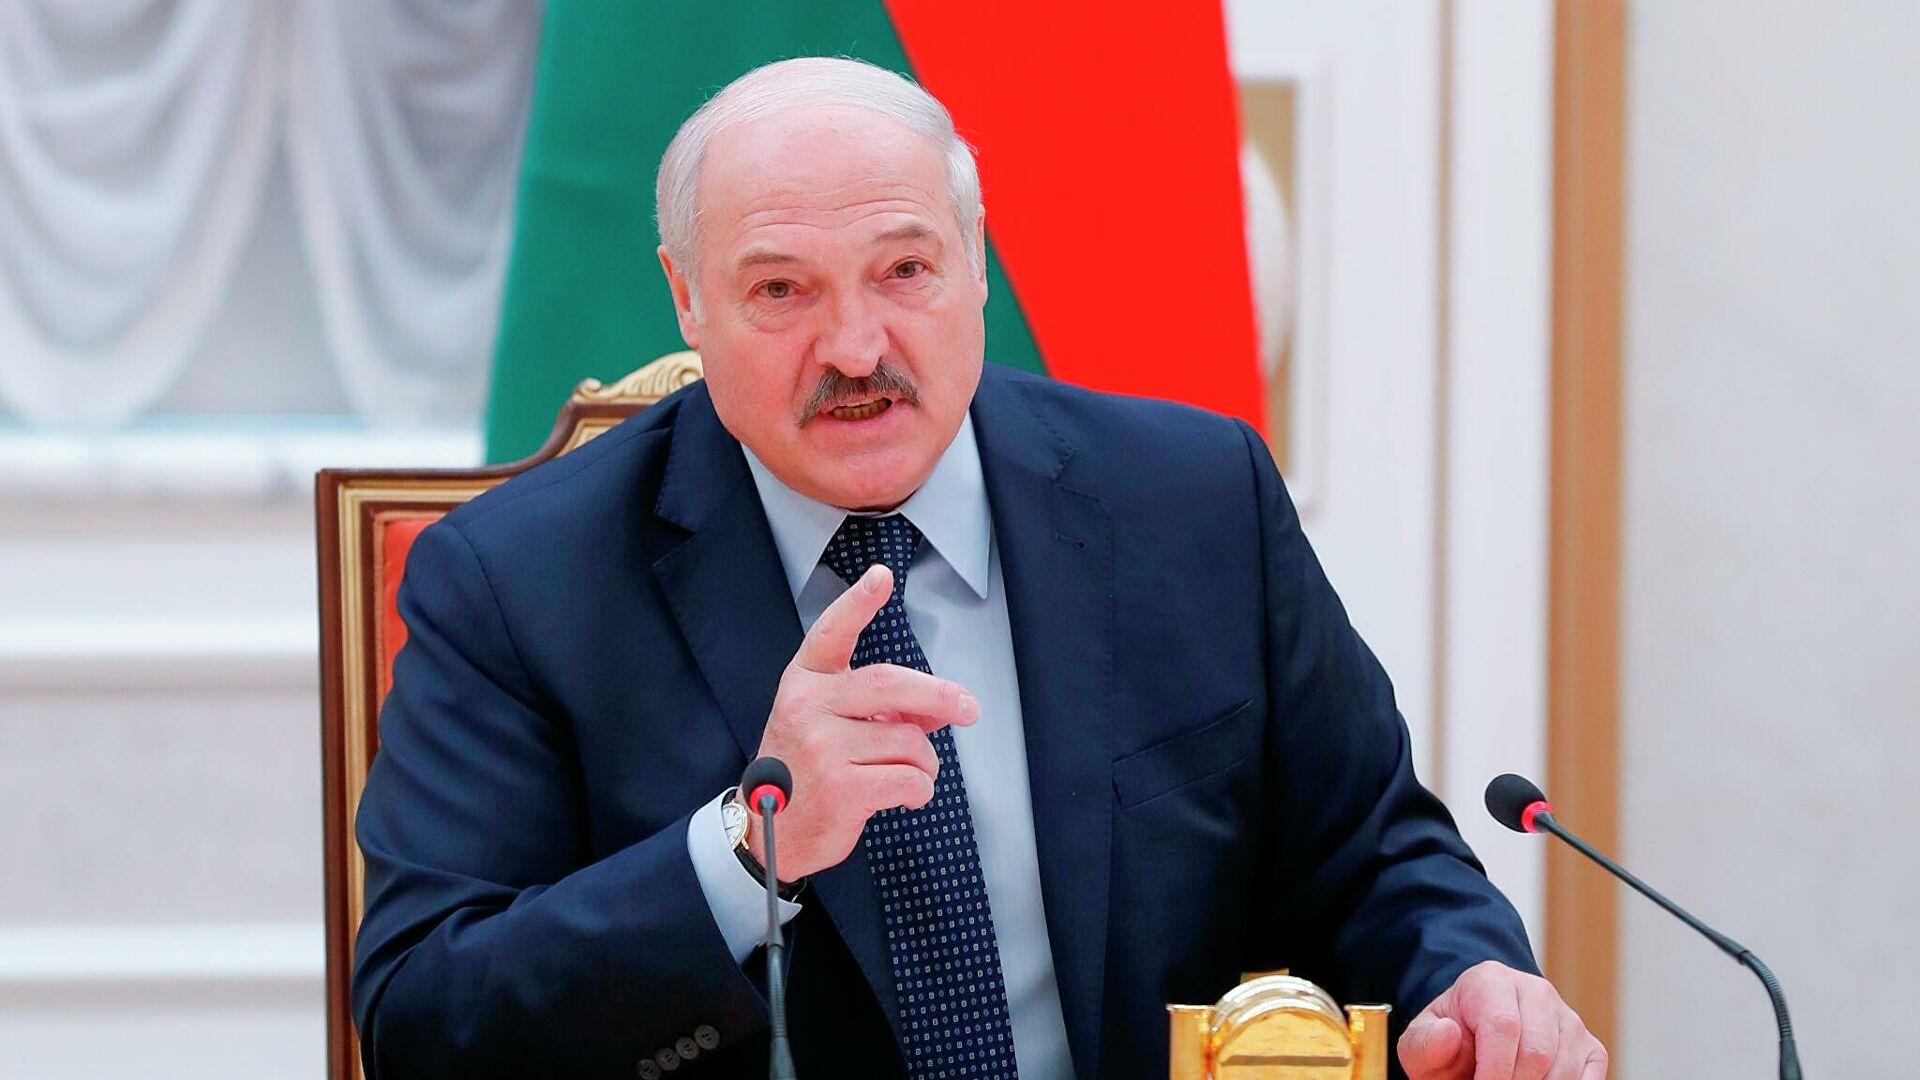 Лукашенко заявил о необходимости единства и солидарности в СНГ